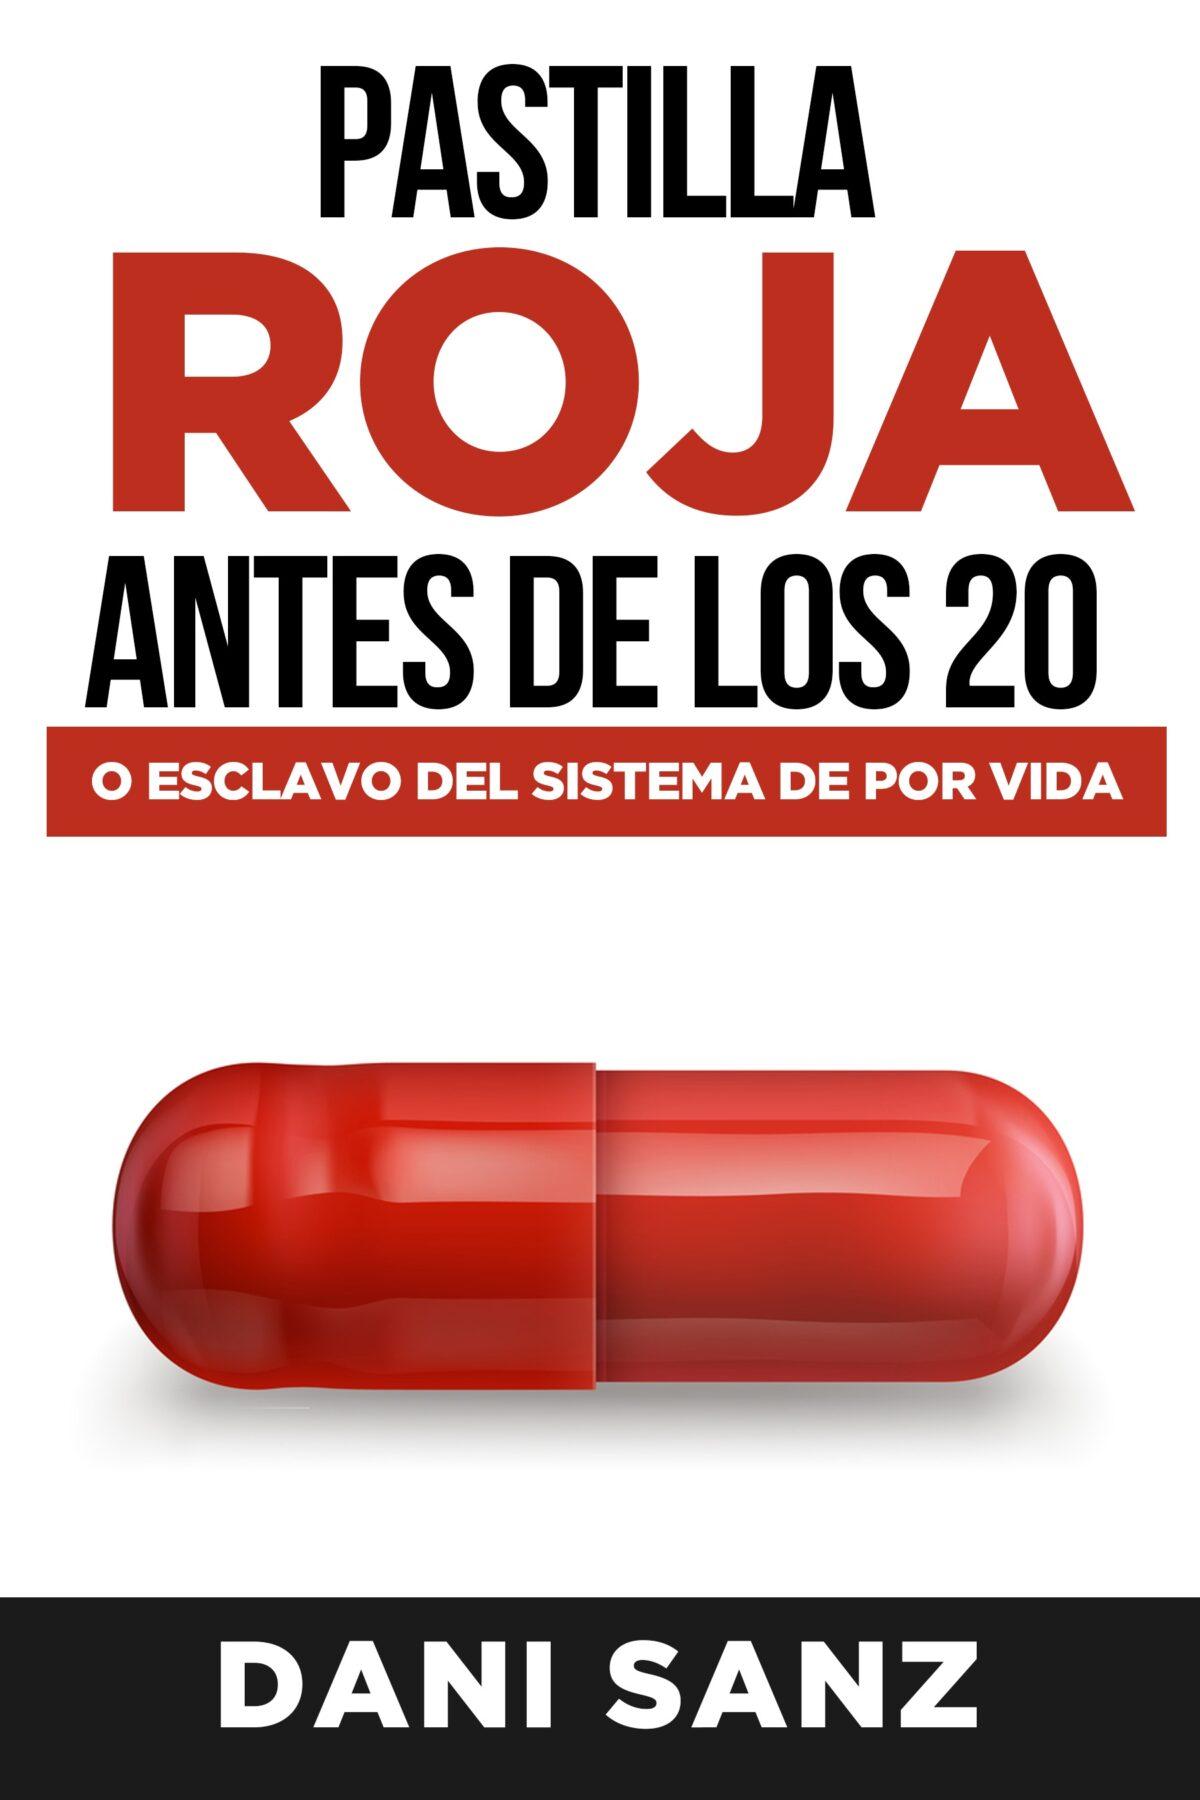 pastilla roja antes de los 20